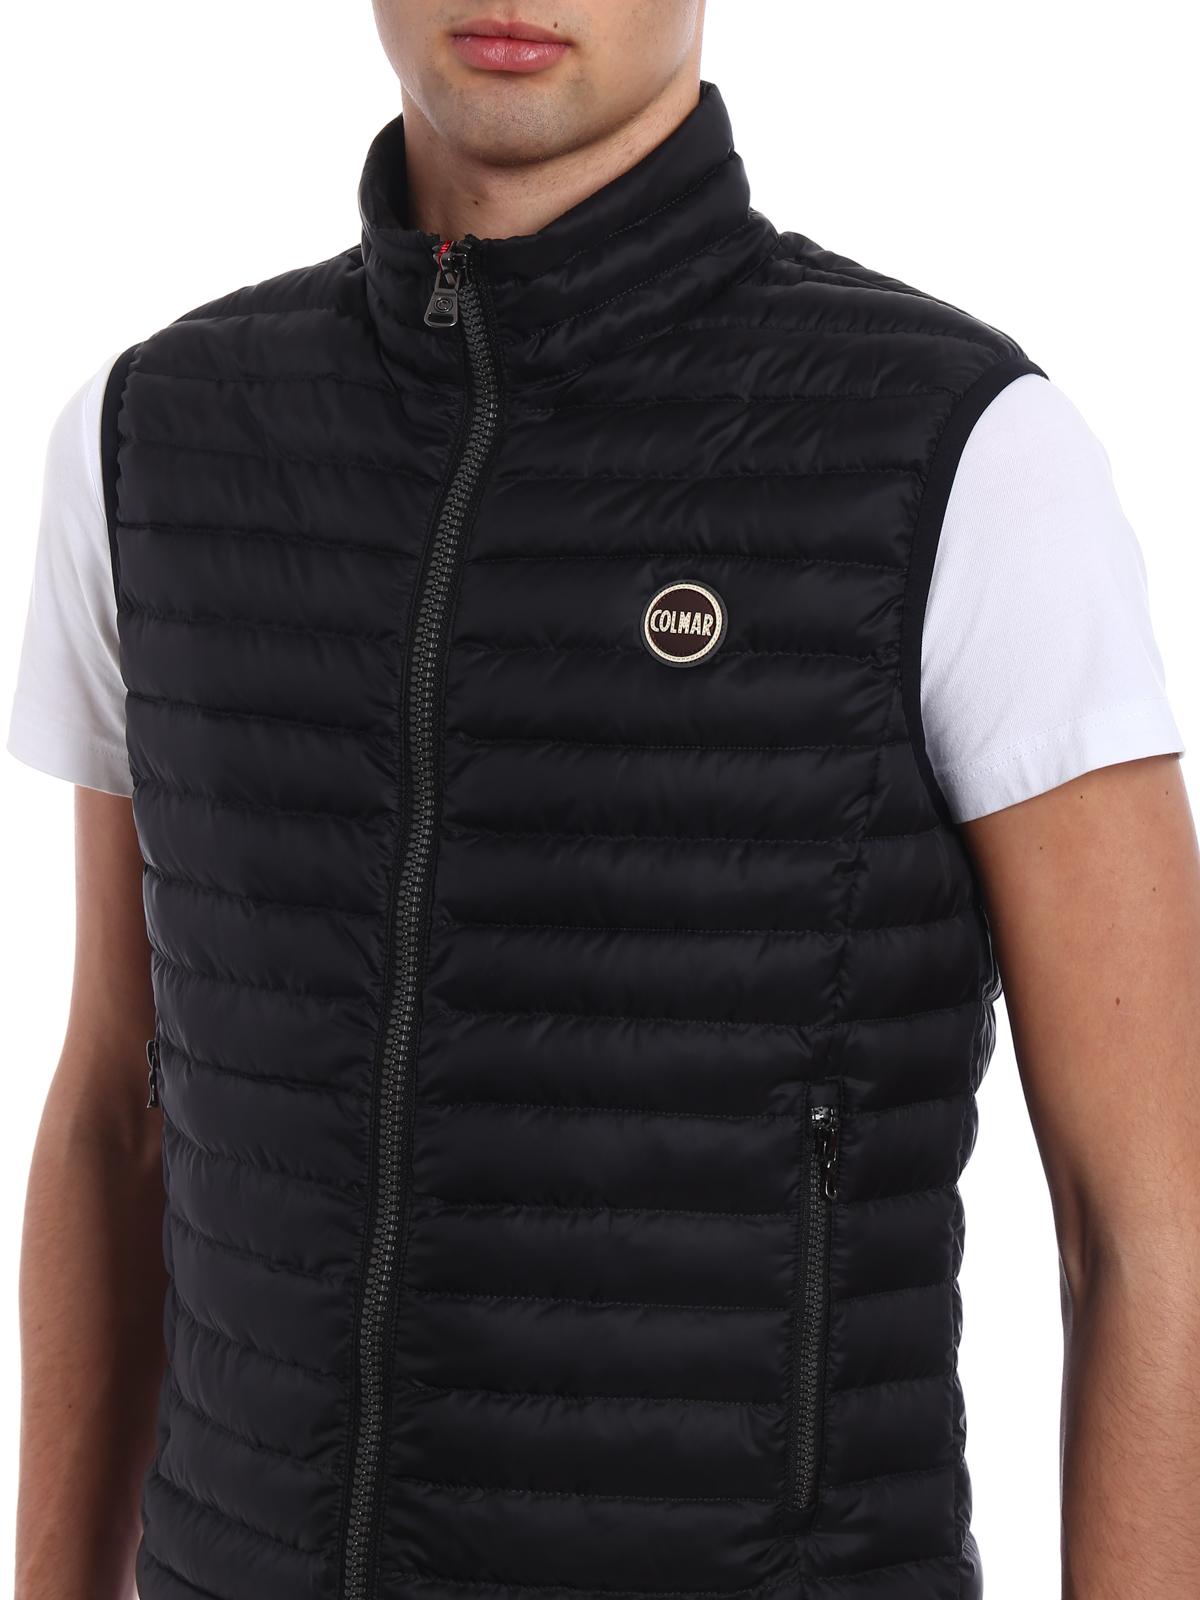 brand new 640c0 85012 Colmar Originals - Piumino senza maniche nero - giacche ...